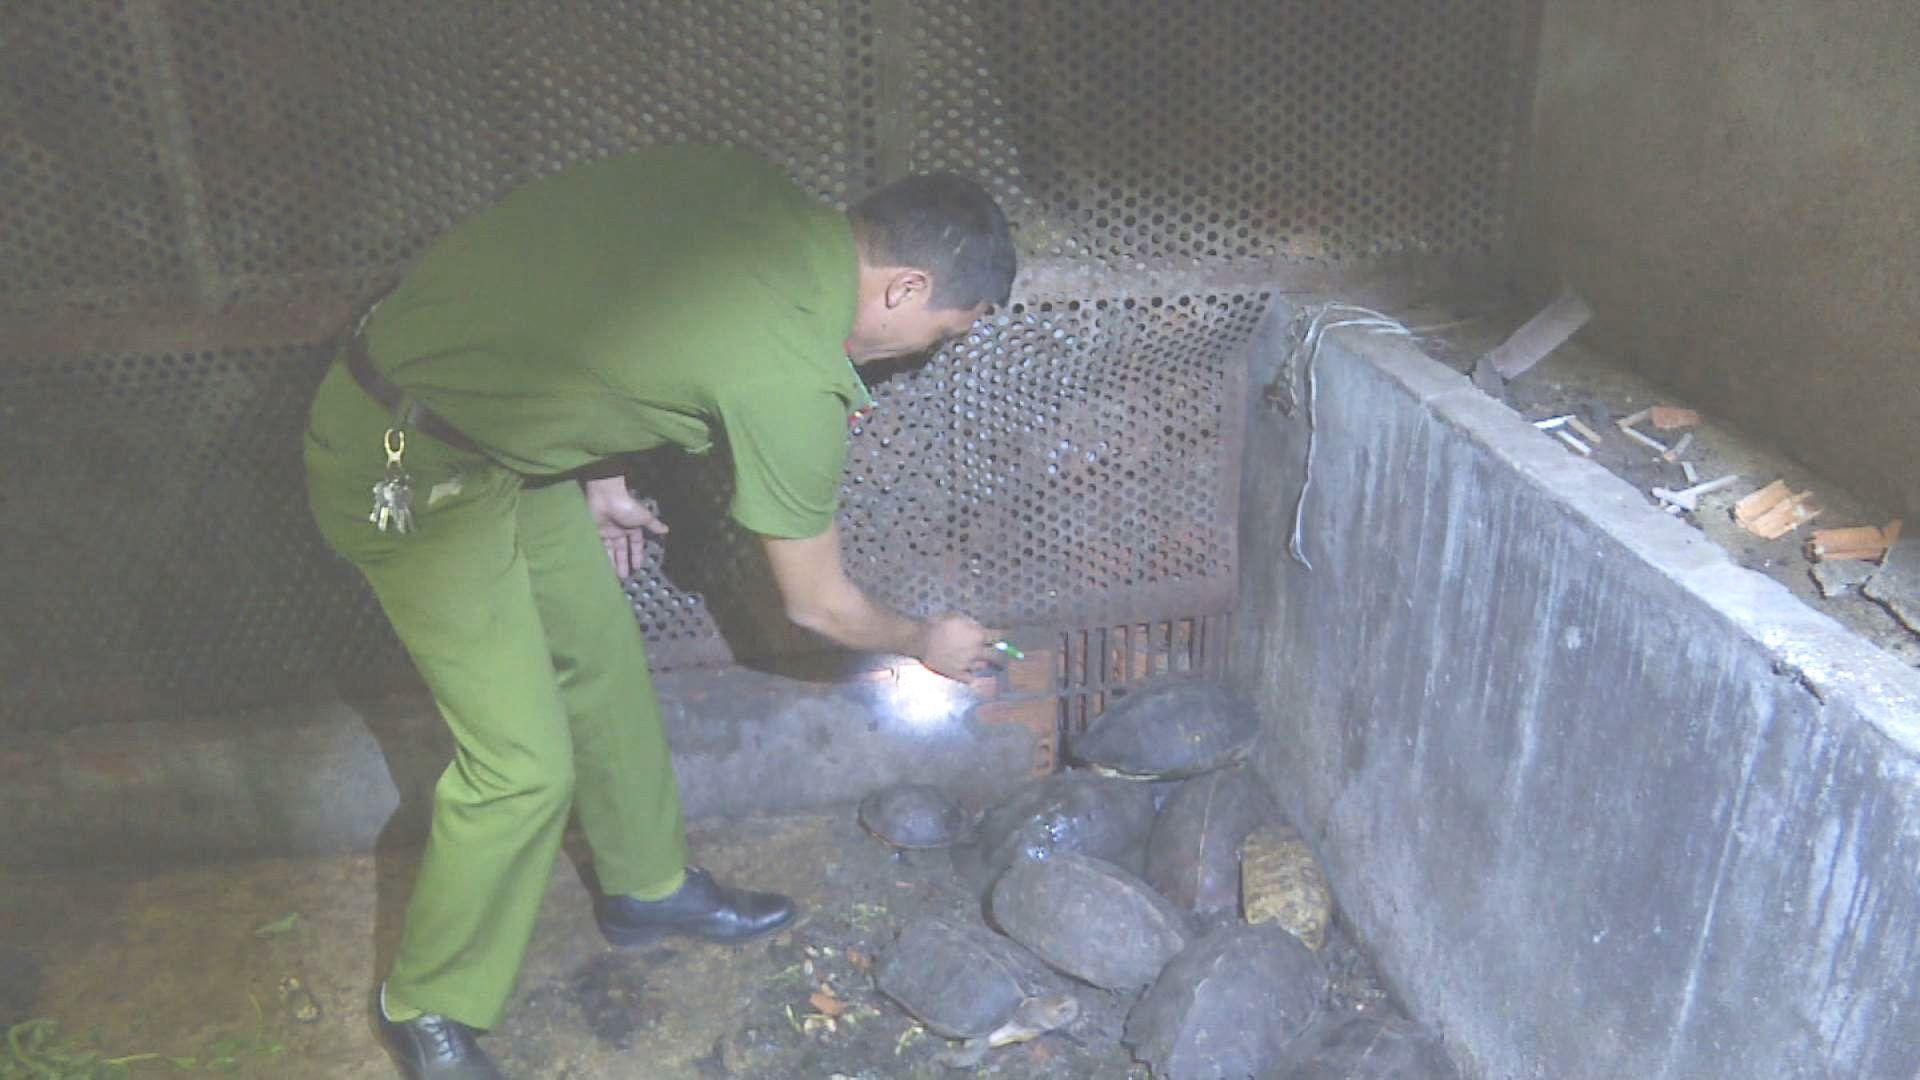 Đắk Lắk: Phát hiện vụ nuôi nhốt 51 cá thể động vật hoang dã trái phép